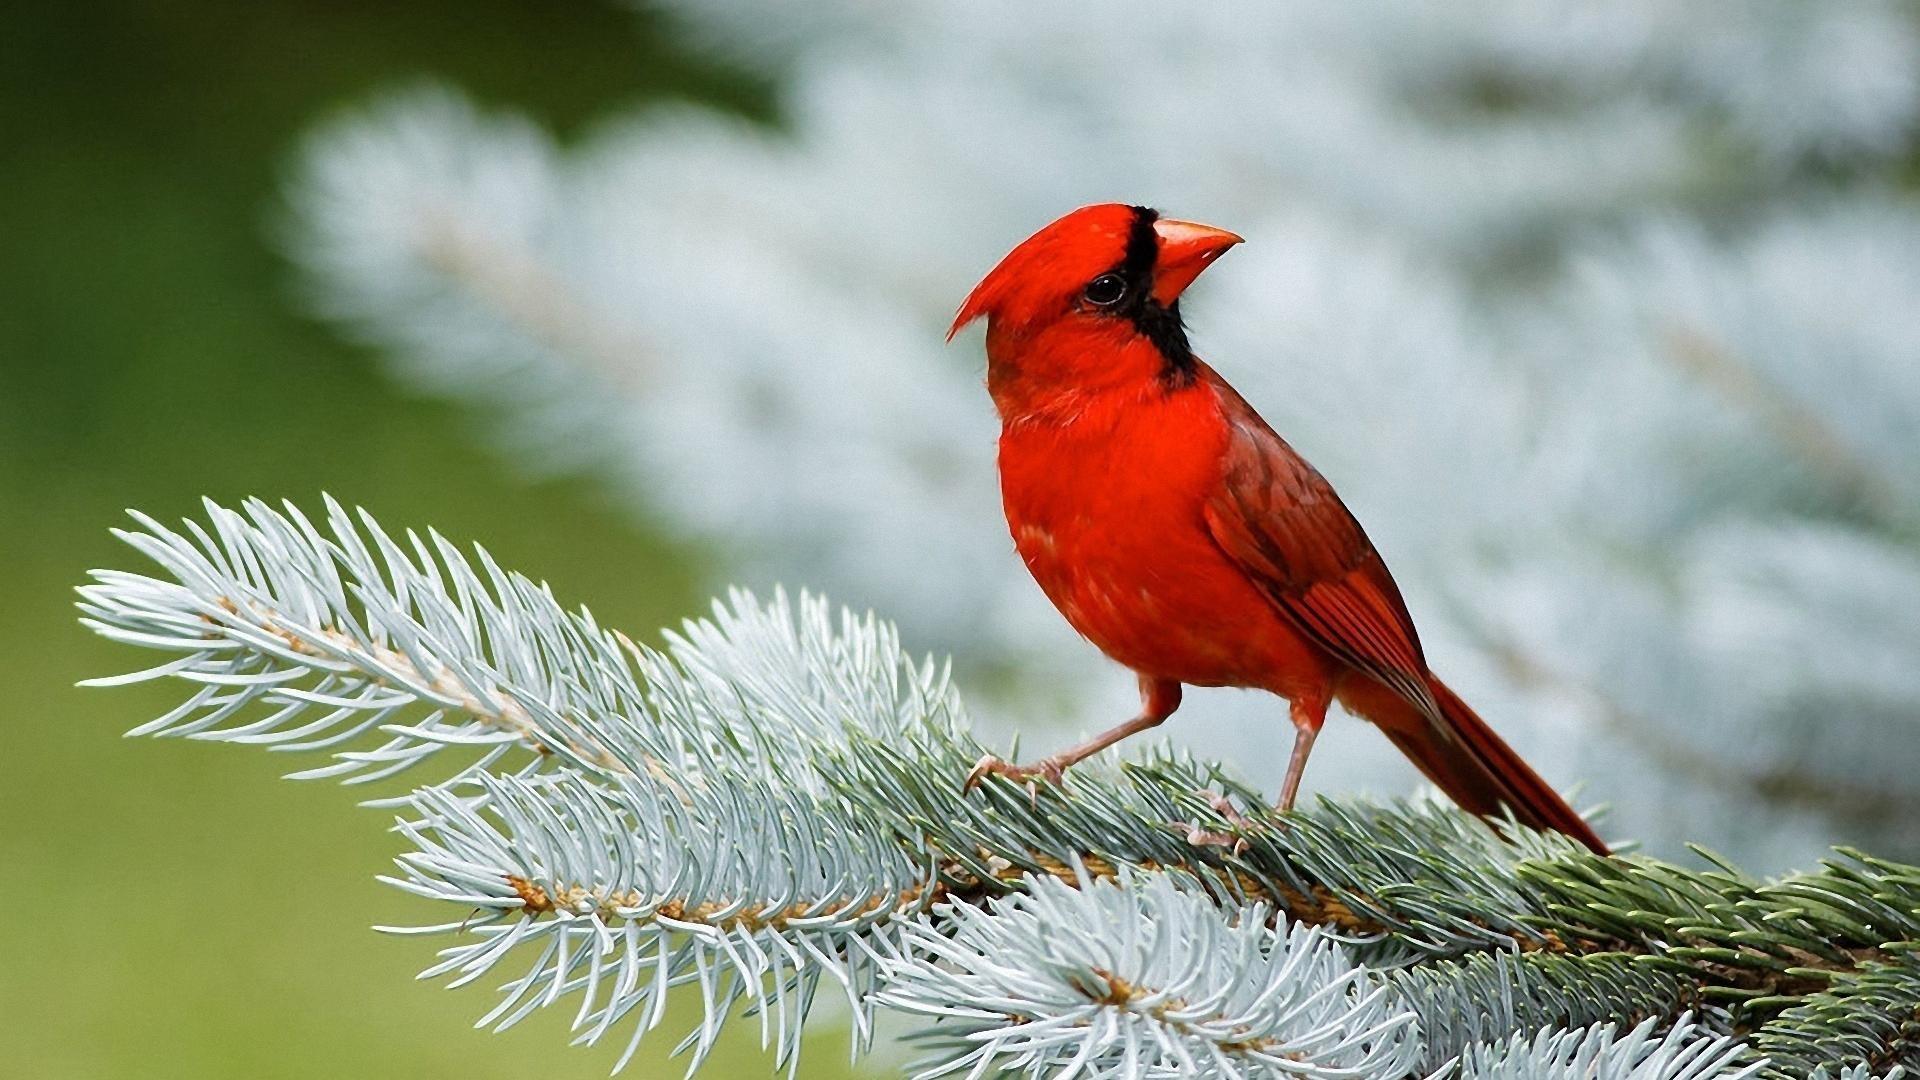 Red Cardinal Birds – 1080p HD Wallpaper 1920×1080